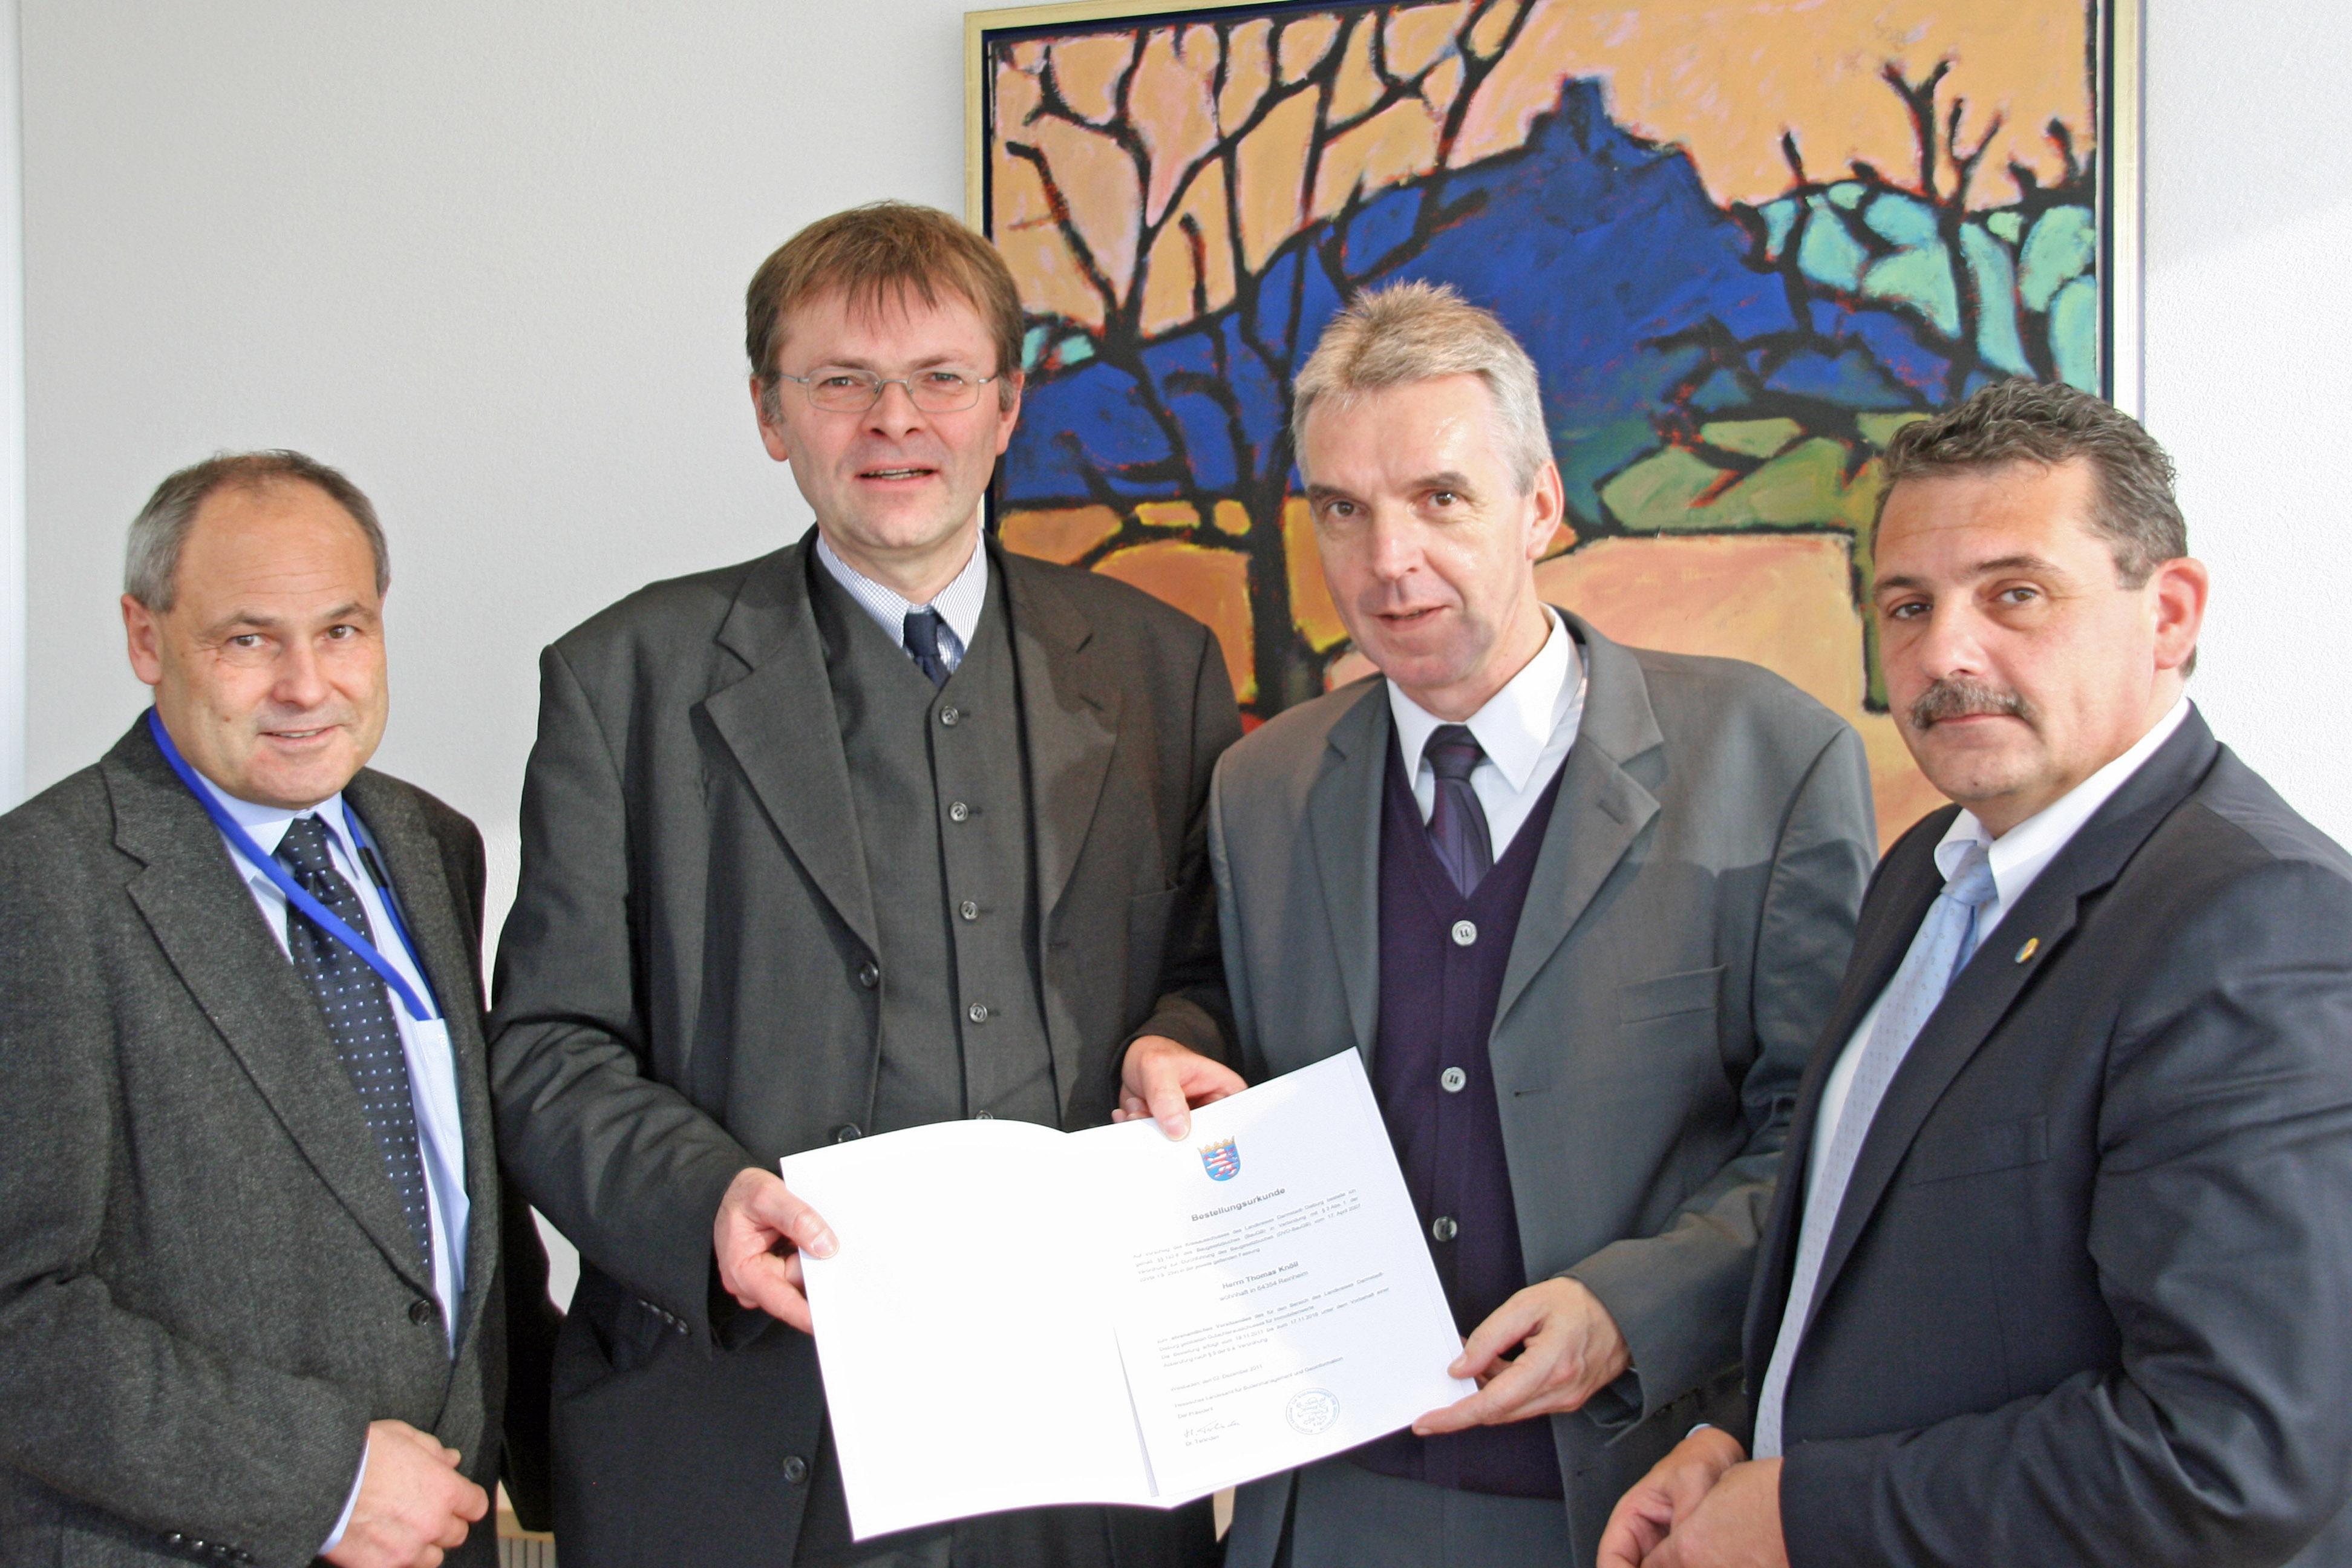 Jahr 2011: Landkreis Darmstadt Dieburg - Kreisverwaltung